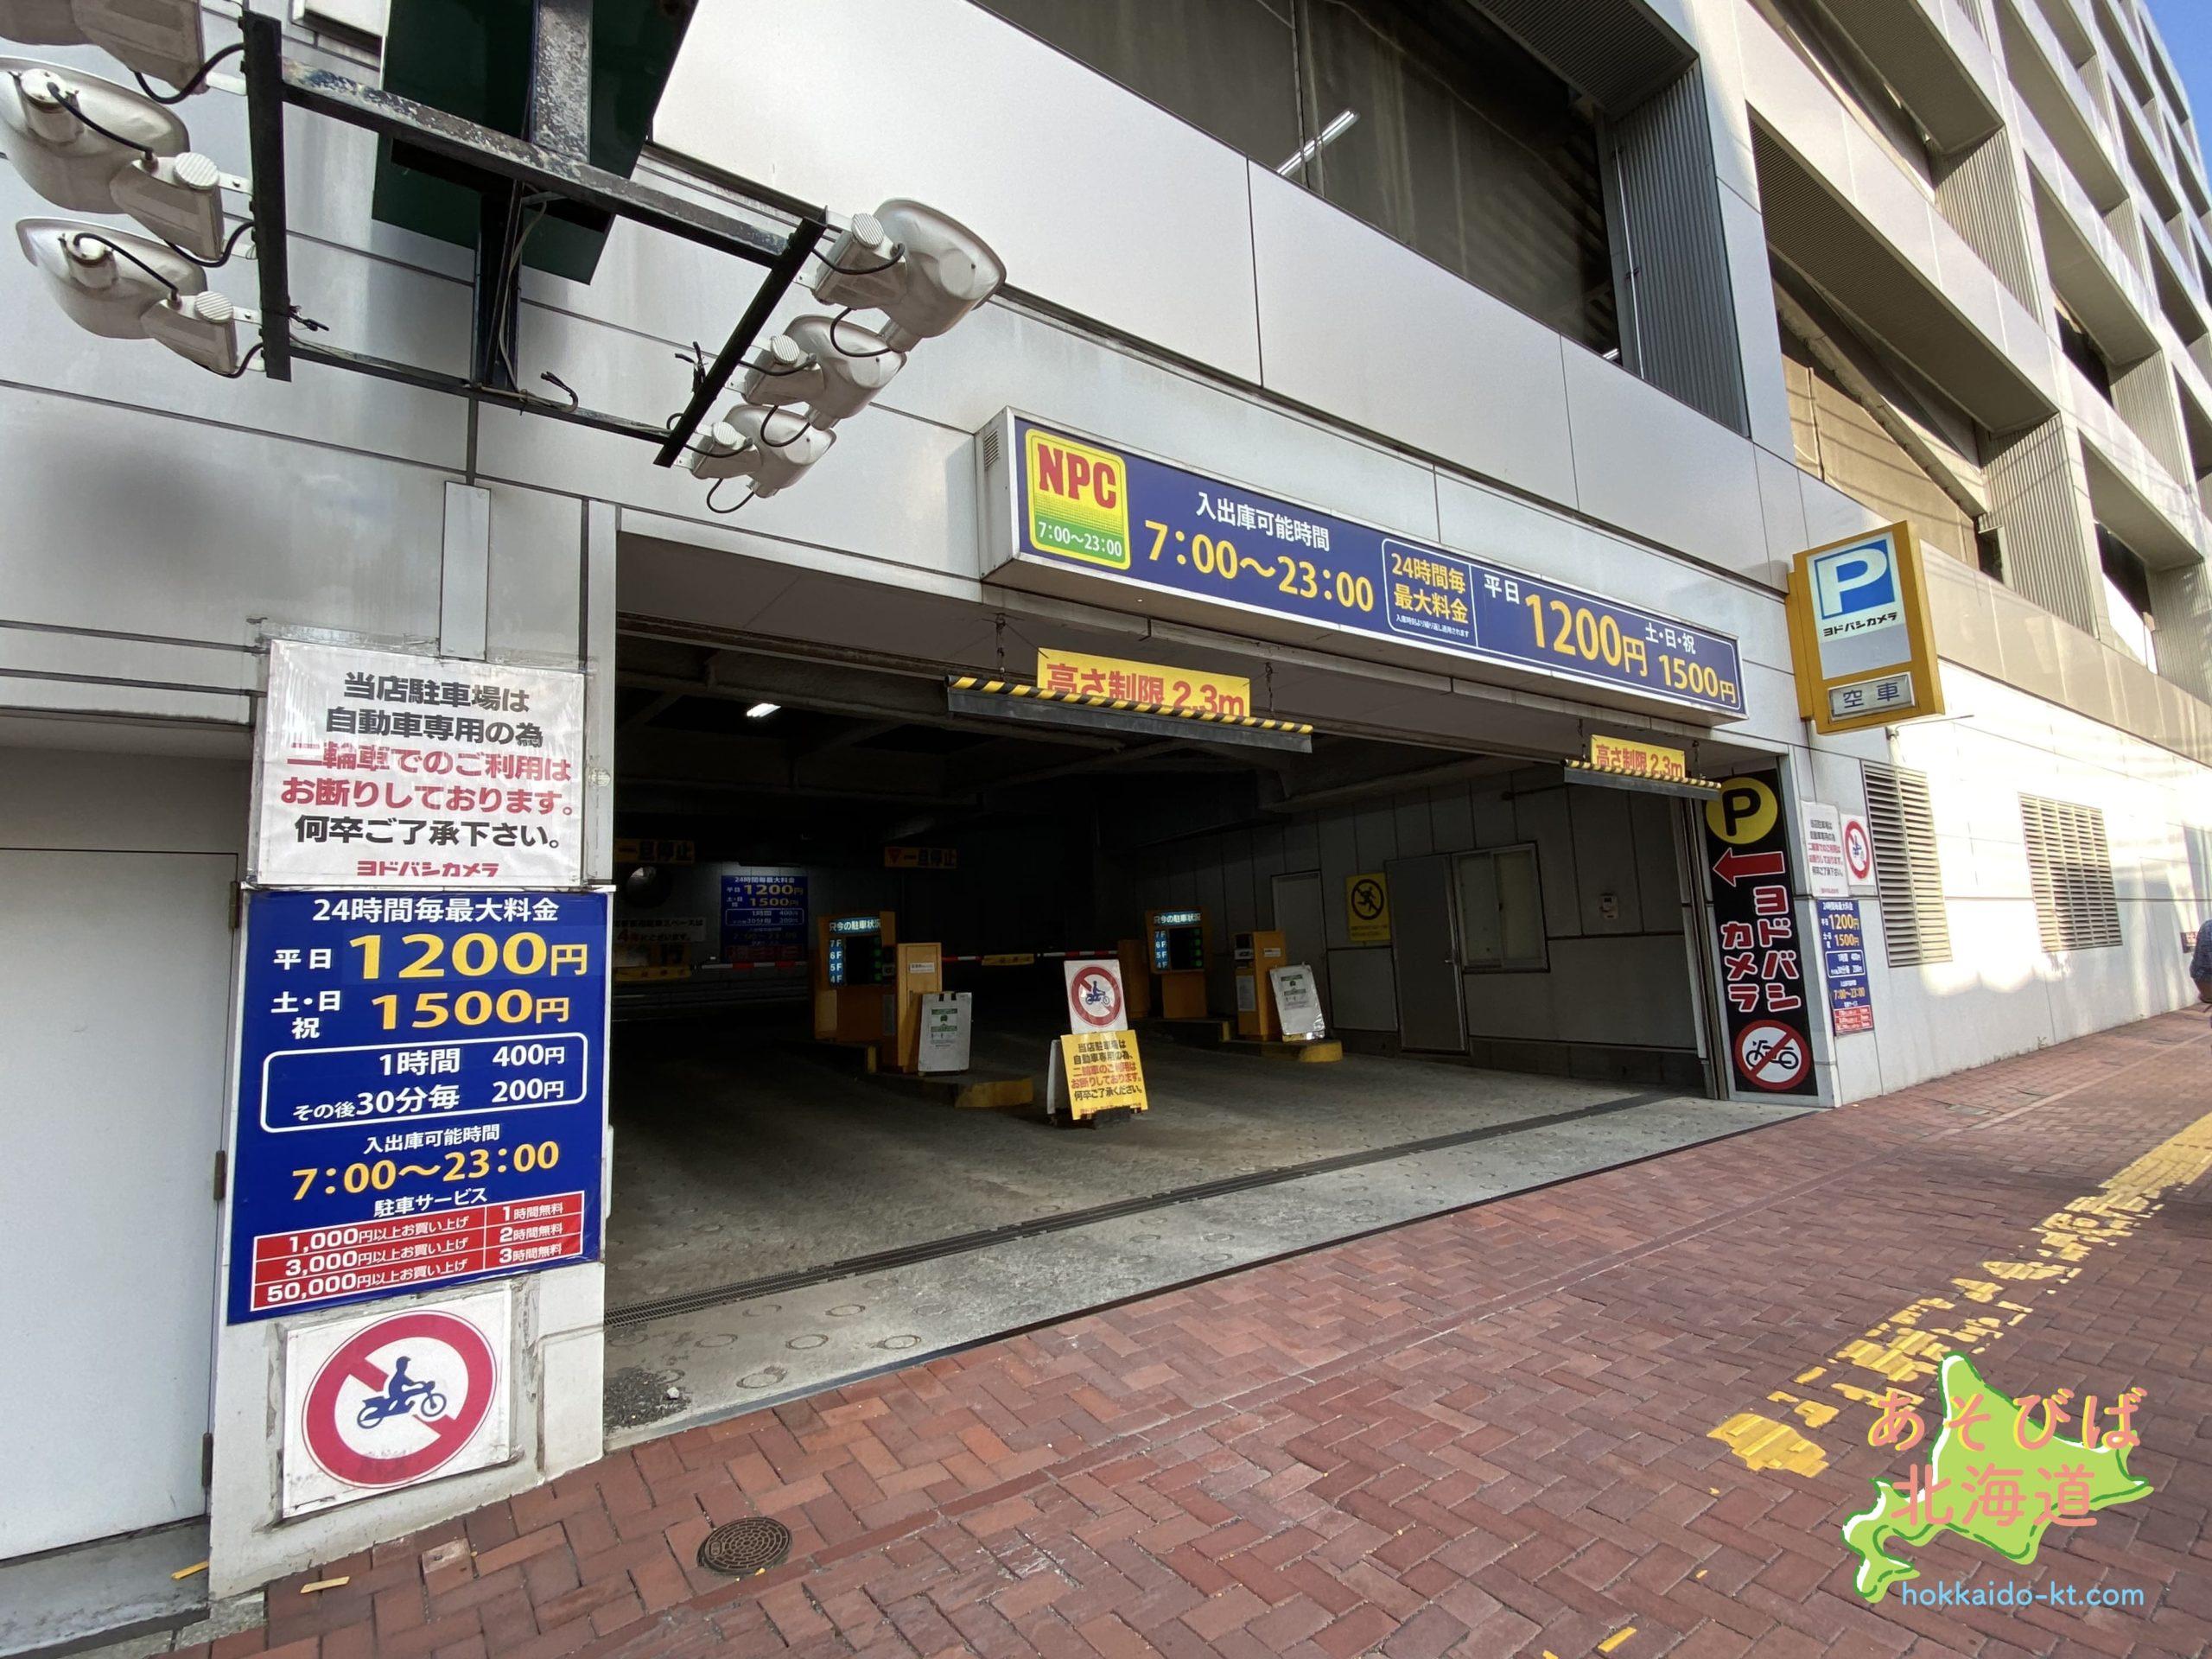 NPC24Hヨドバシ駐車場